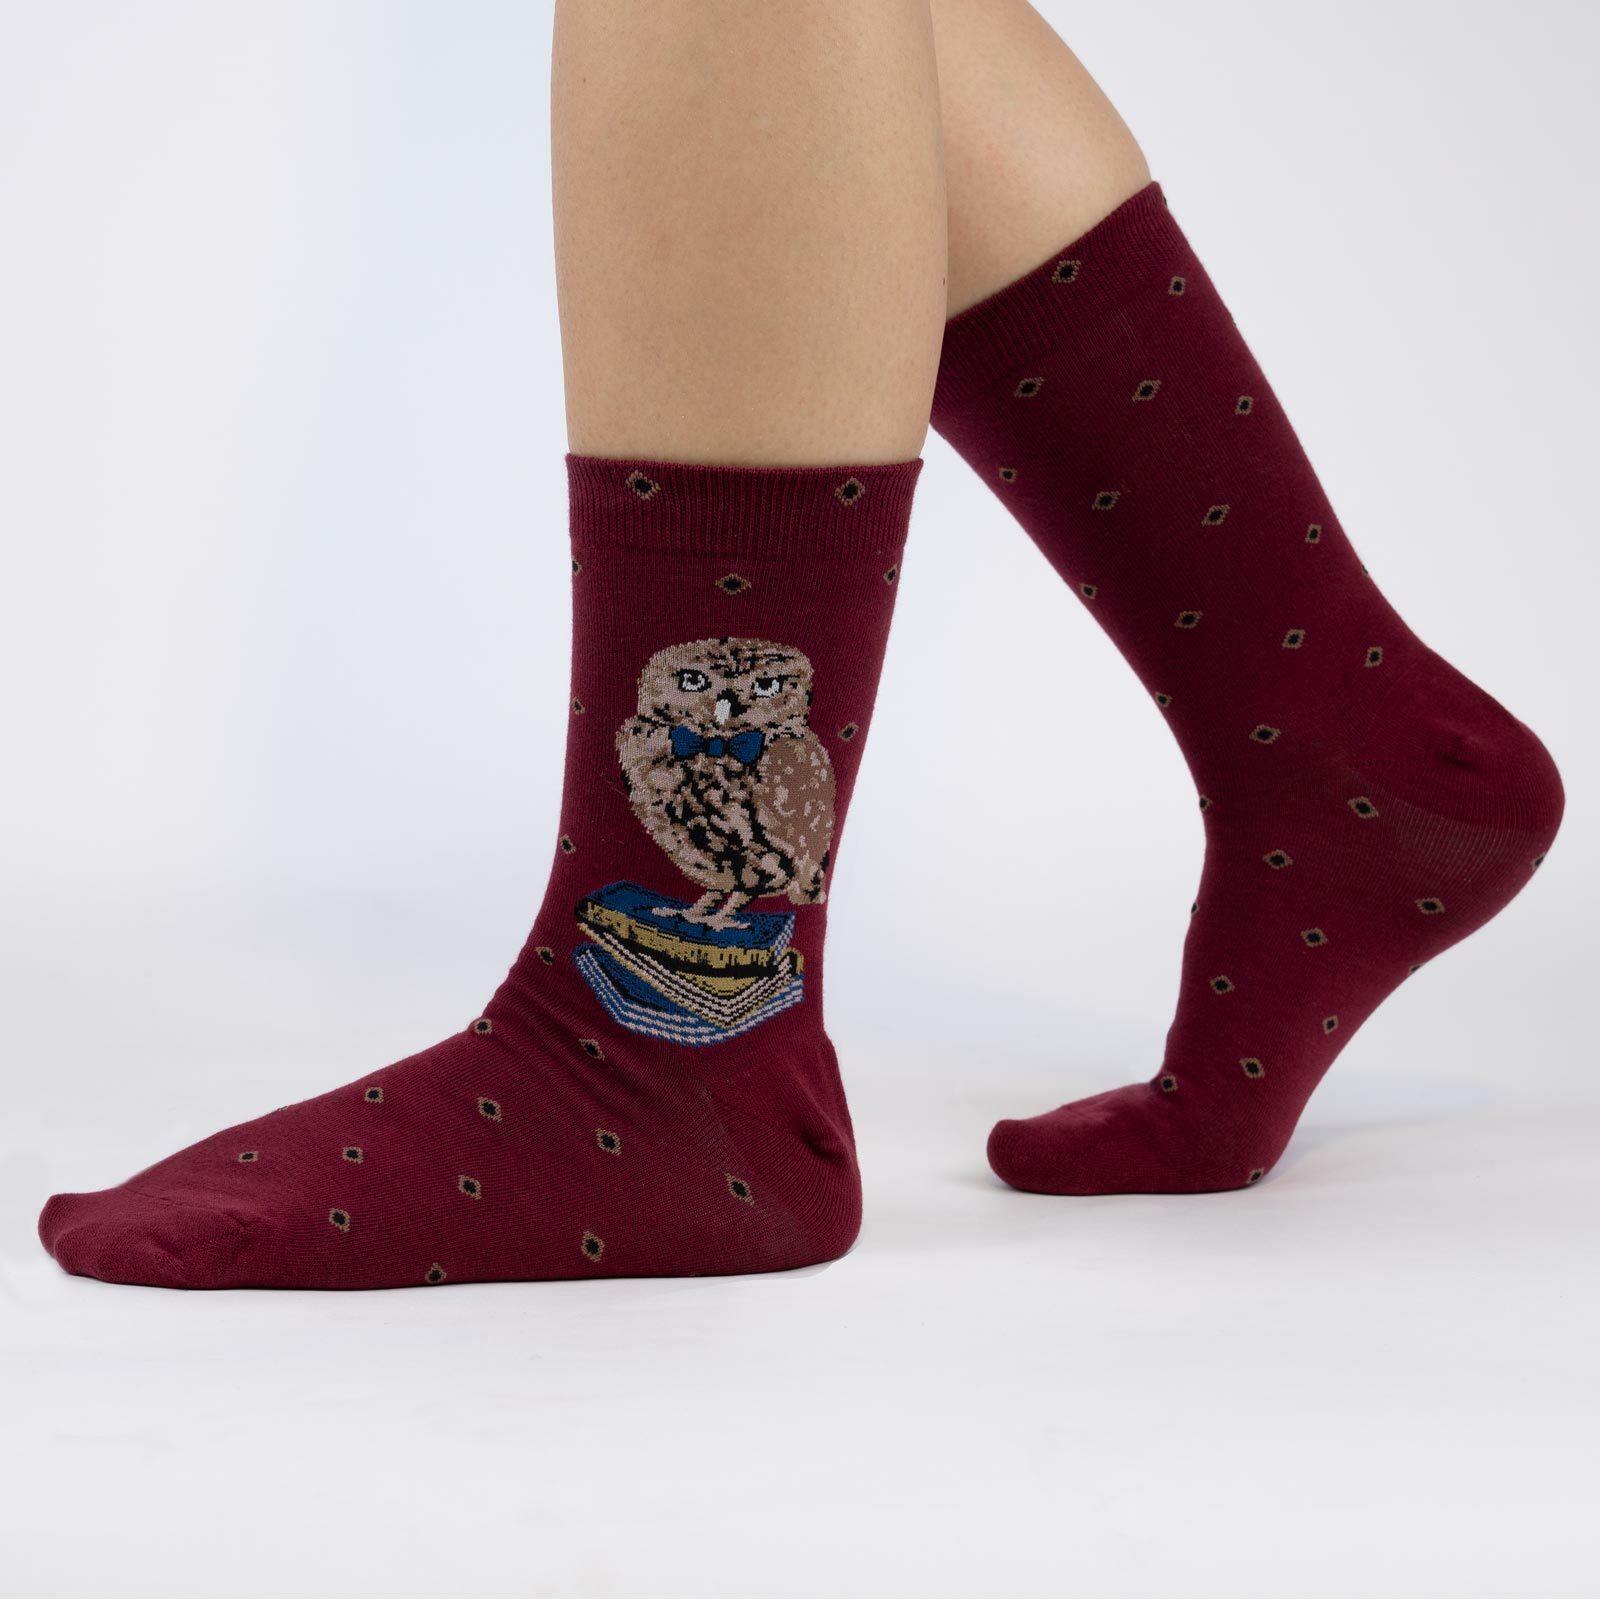 model wearing Reading Is A Hoot - Book Loving Owl Crew Socks Maroon - Women's